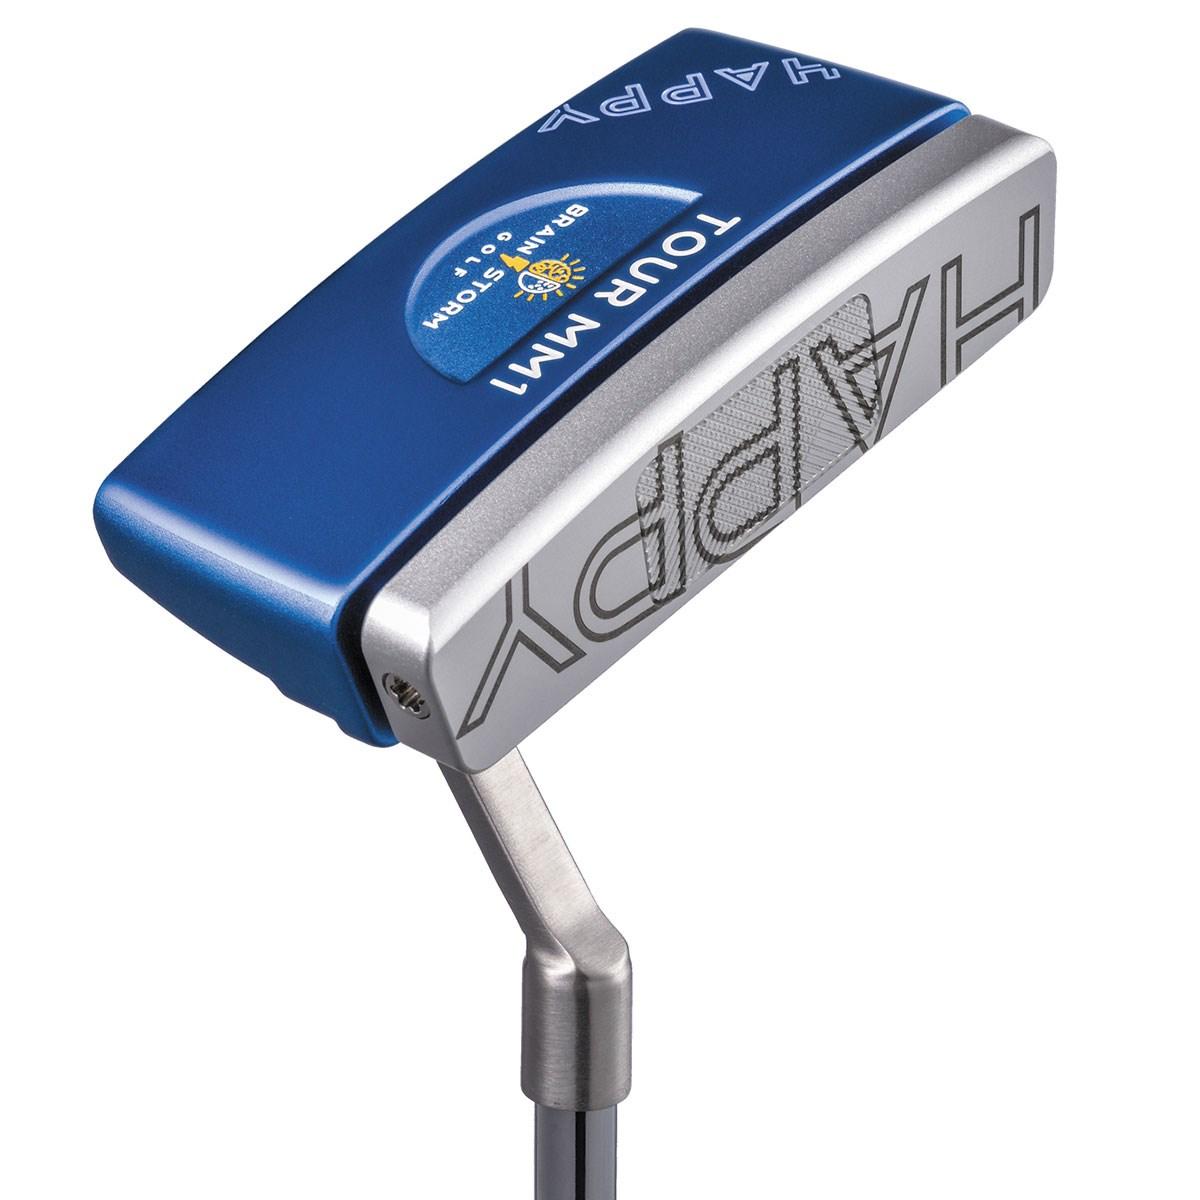 【店内全品ポイント10倍★7/1(日)4時間限定】 ブレインストームゴルフ Brainstorm Golf ツアーミッド ハッピーパター シャフト:オリジナル